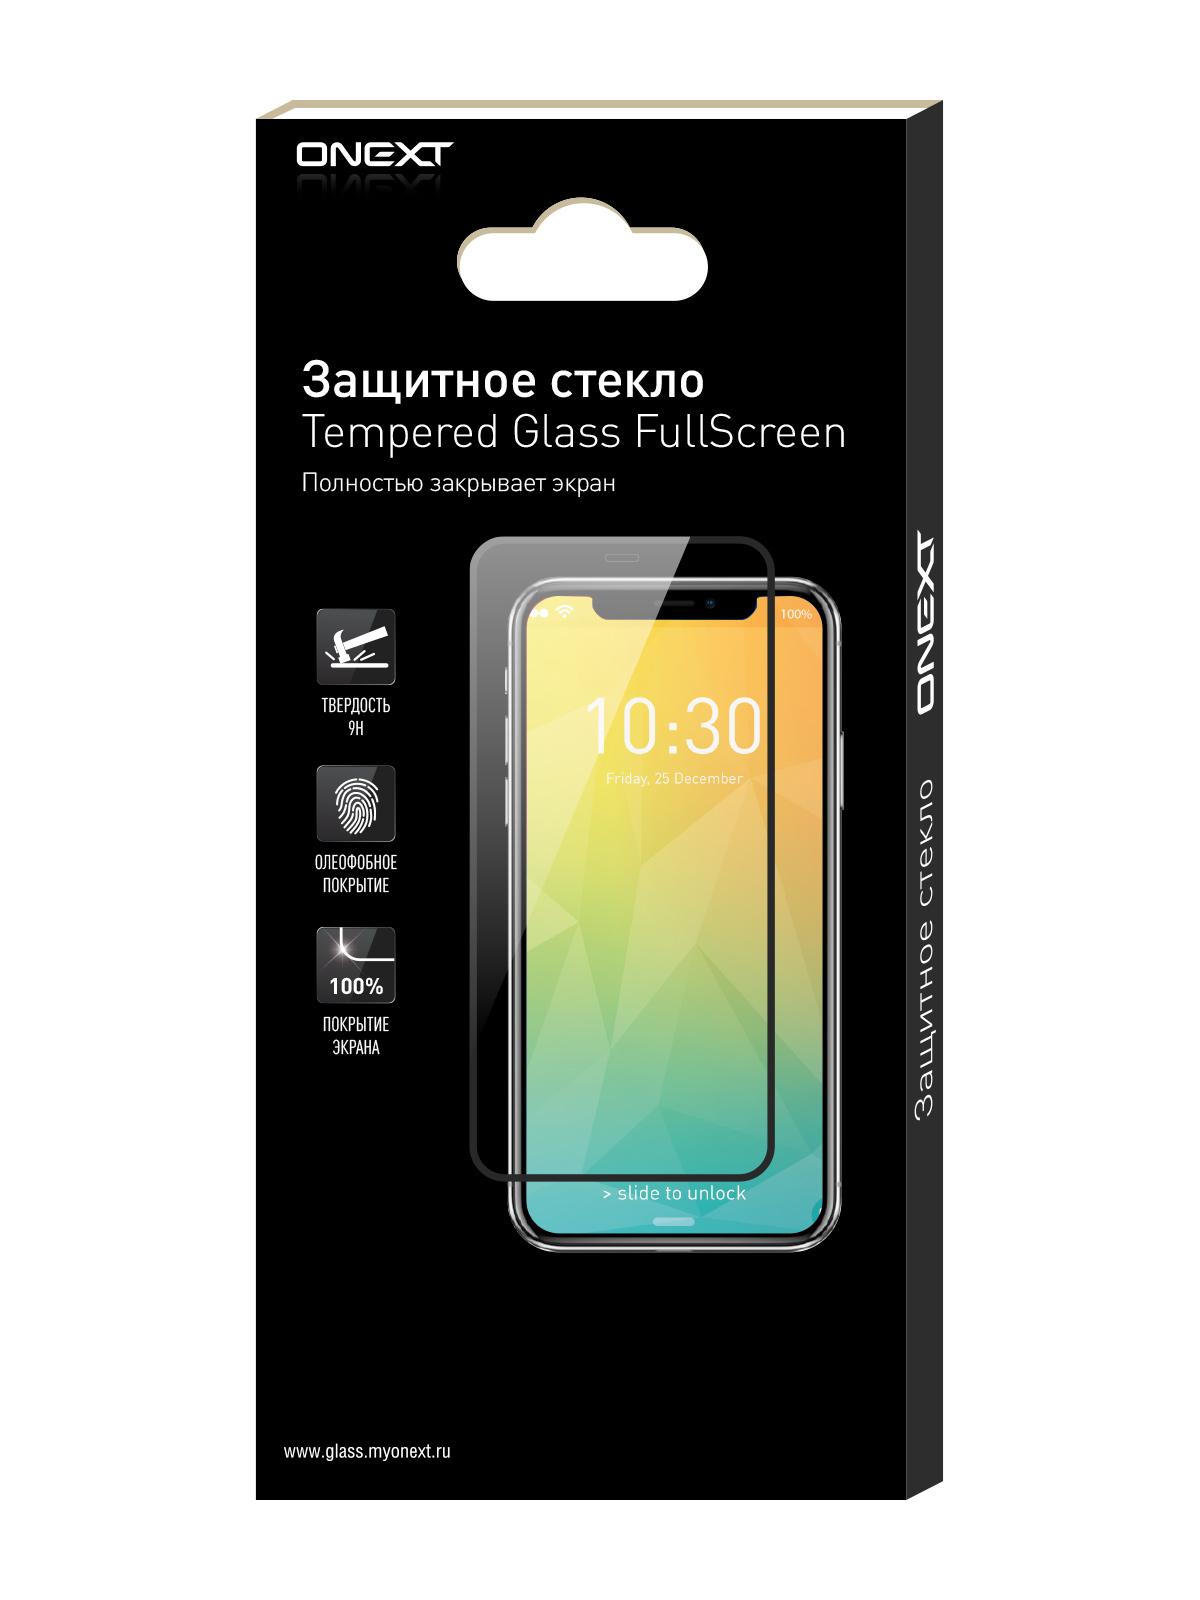 Защитное стекло ONEXT для Apple iPhone 6/iPhone 6S White